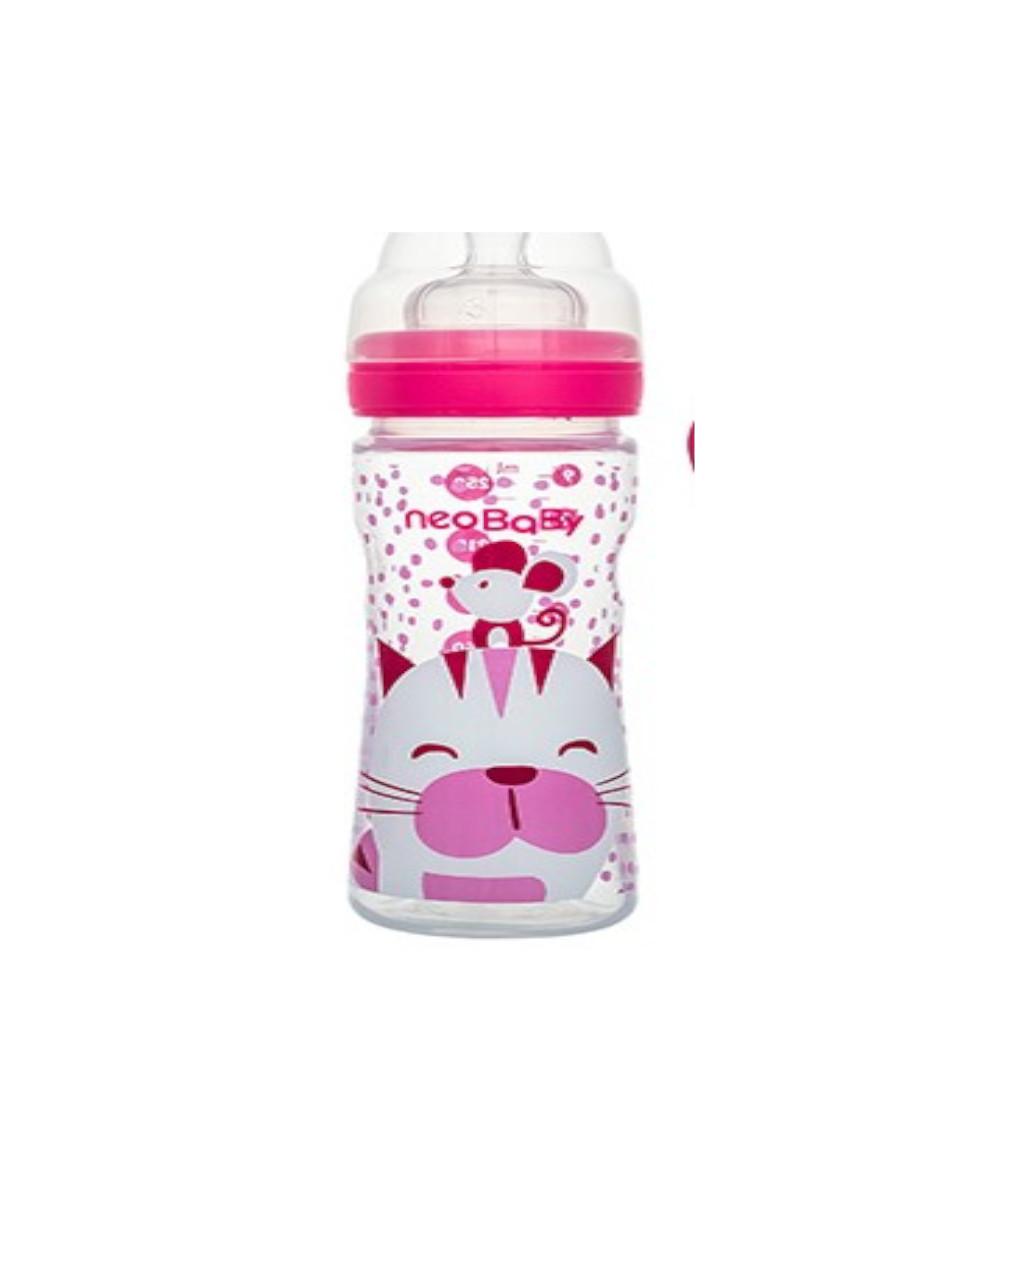 Biberon collo largo silicone rosa 250 ml - Neo Baby